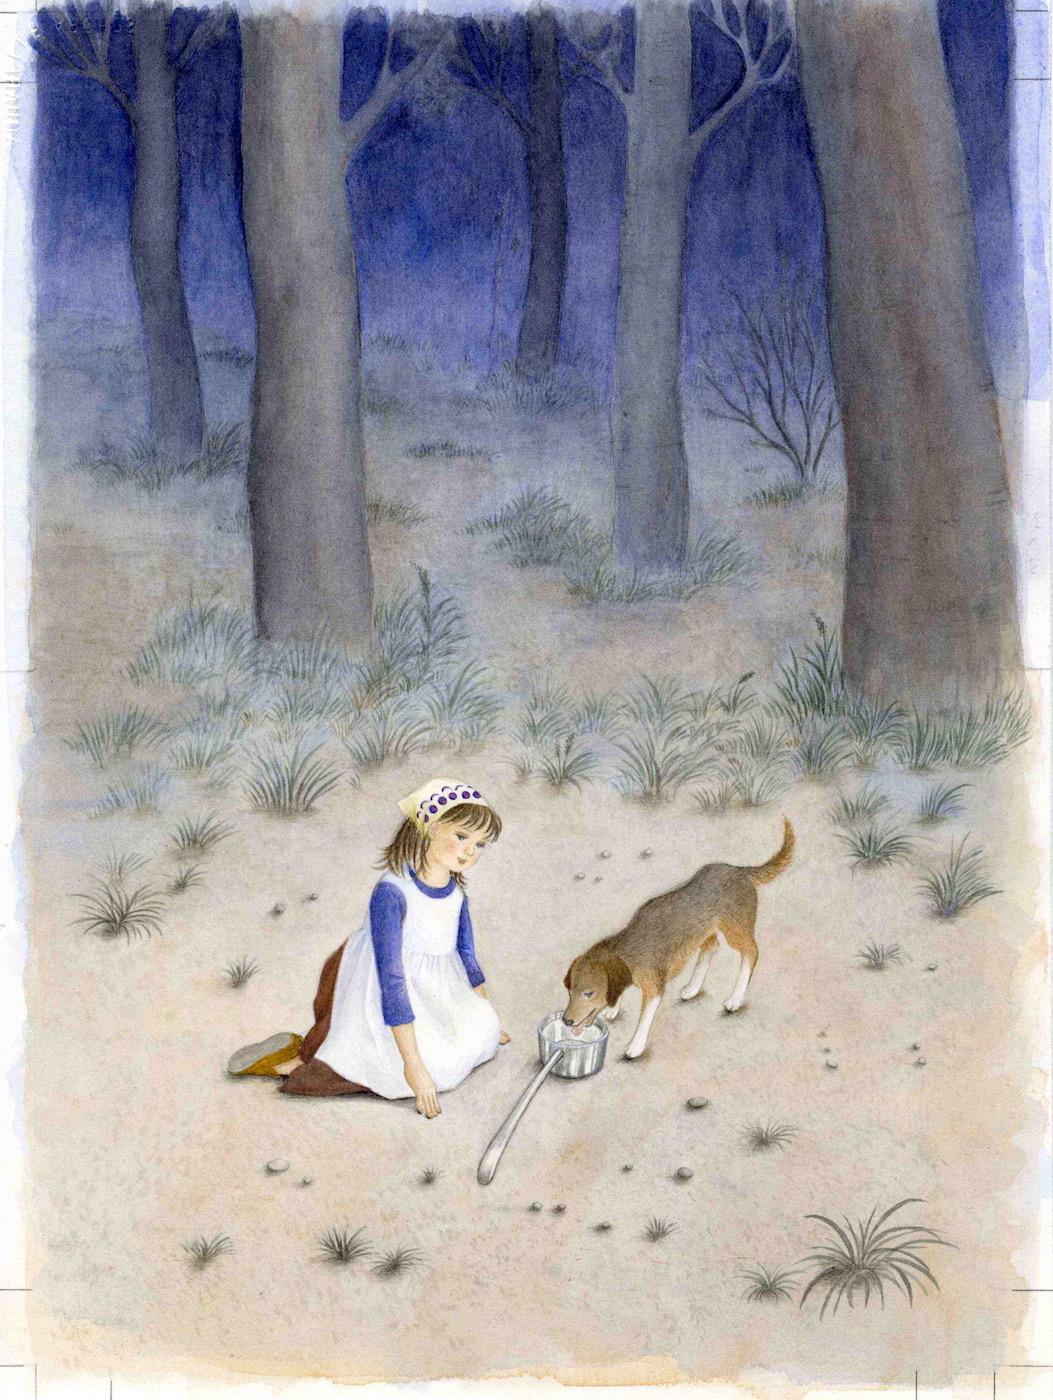 教科書イラスト ひしゃくぼし-女の子が犬に水を飲ませると、ひしゃくは銀に。